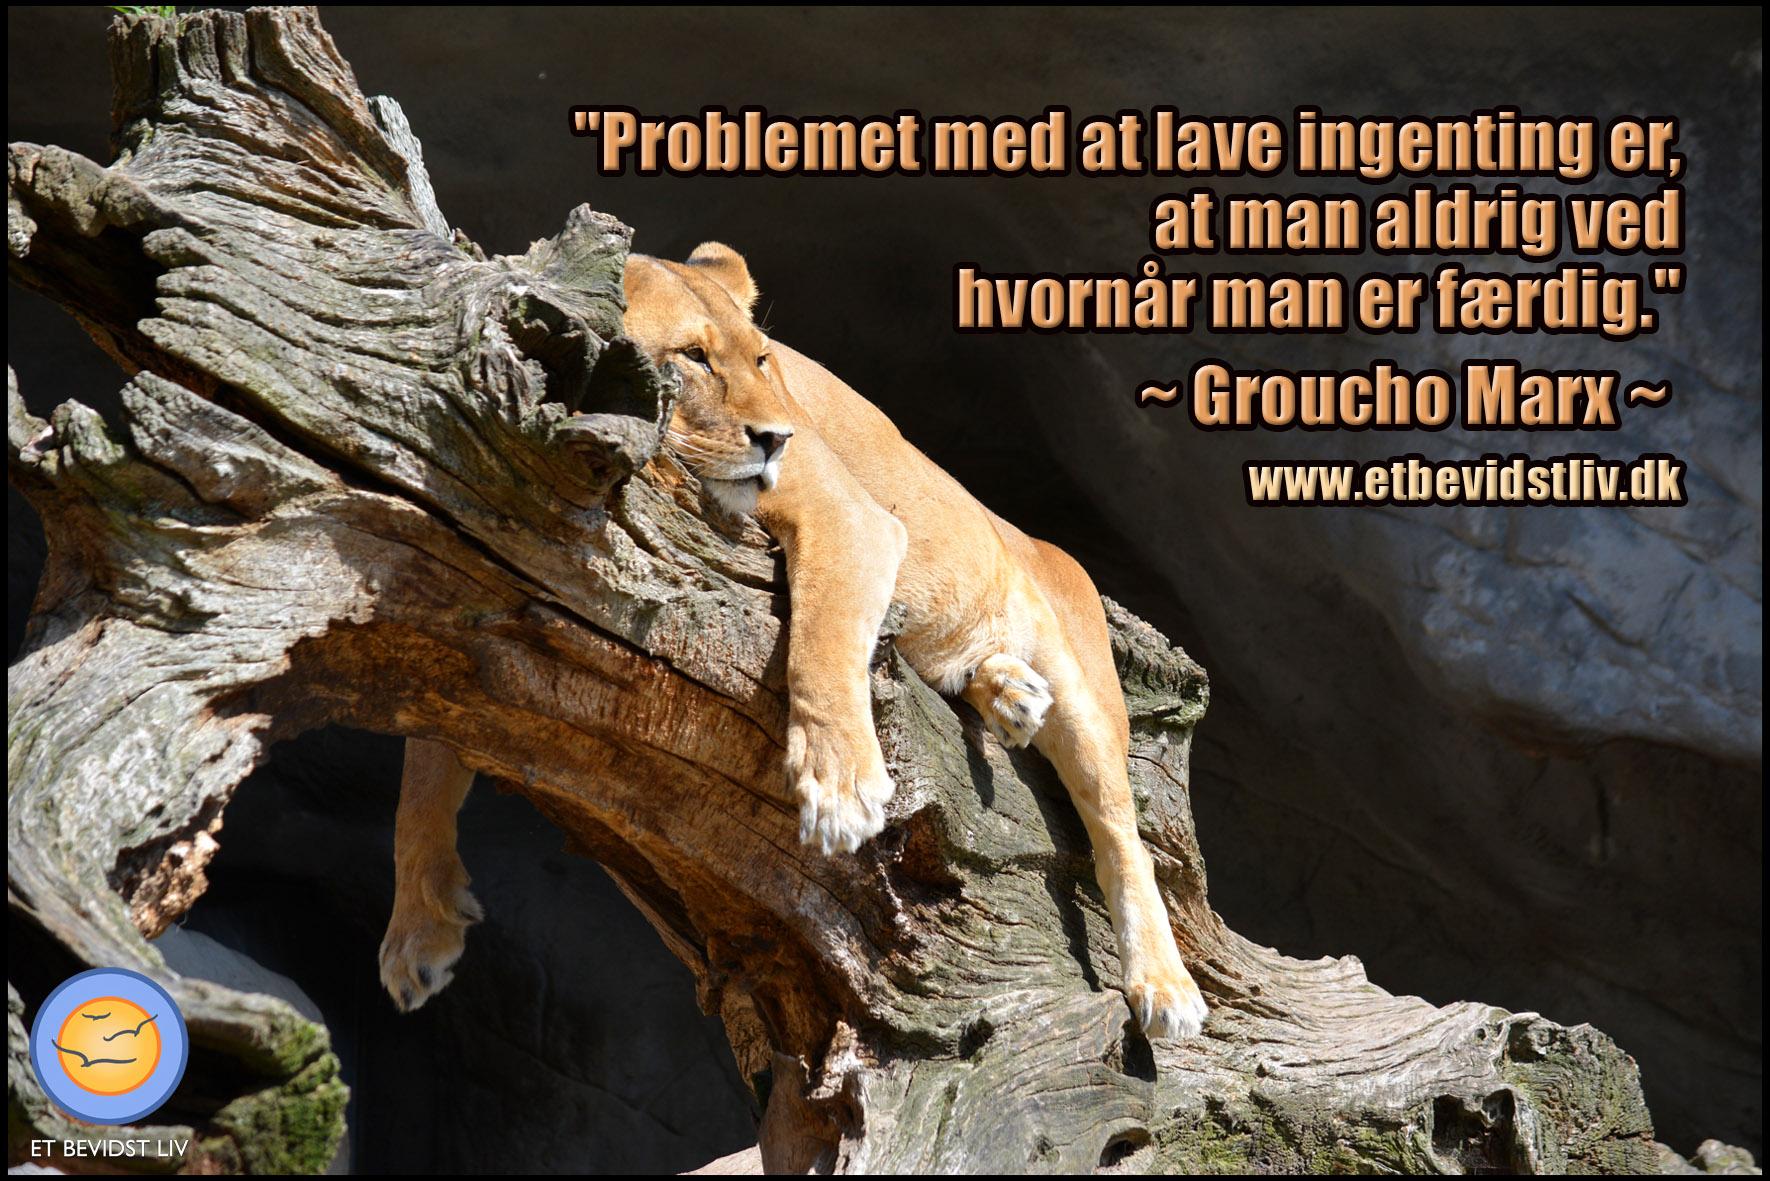 Billede: Løvinde som ligger afslappet på et træ. Tekst: Sjovt citat af Groucho Marx.